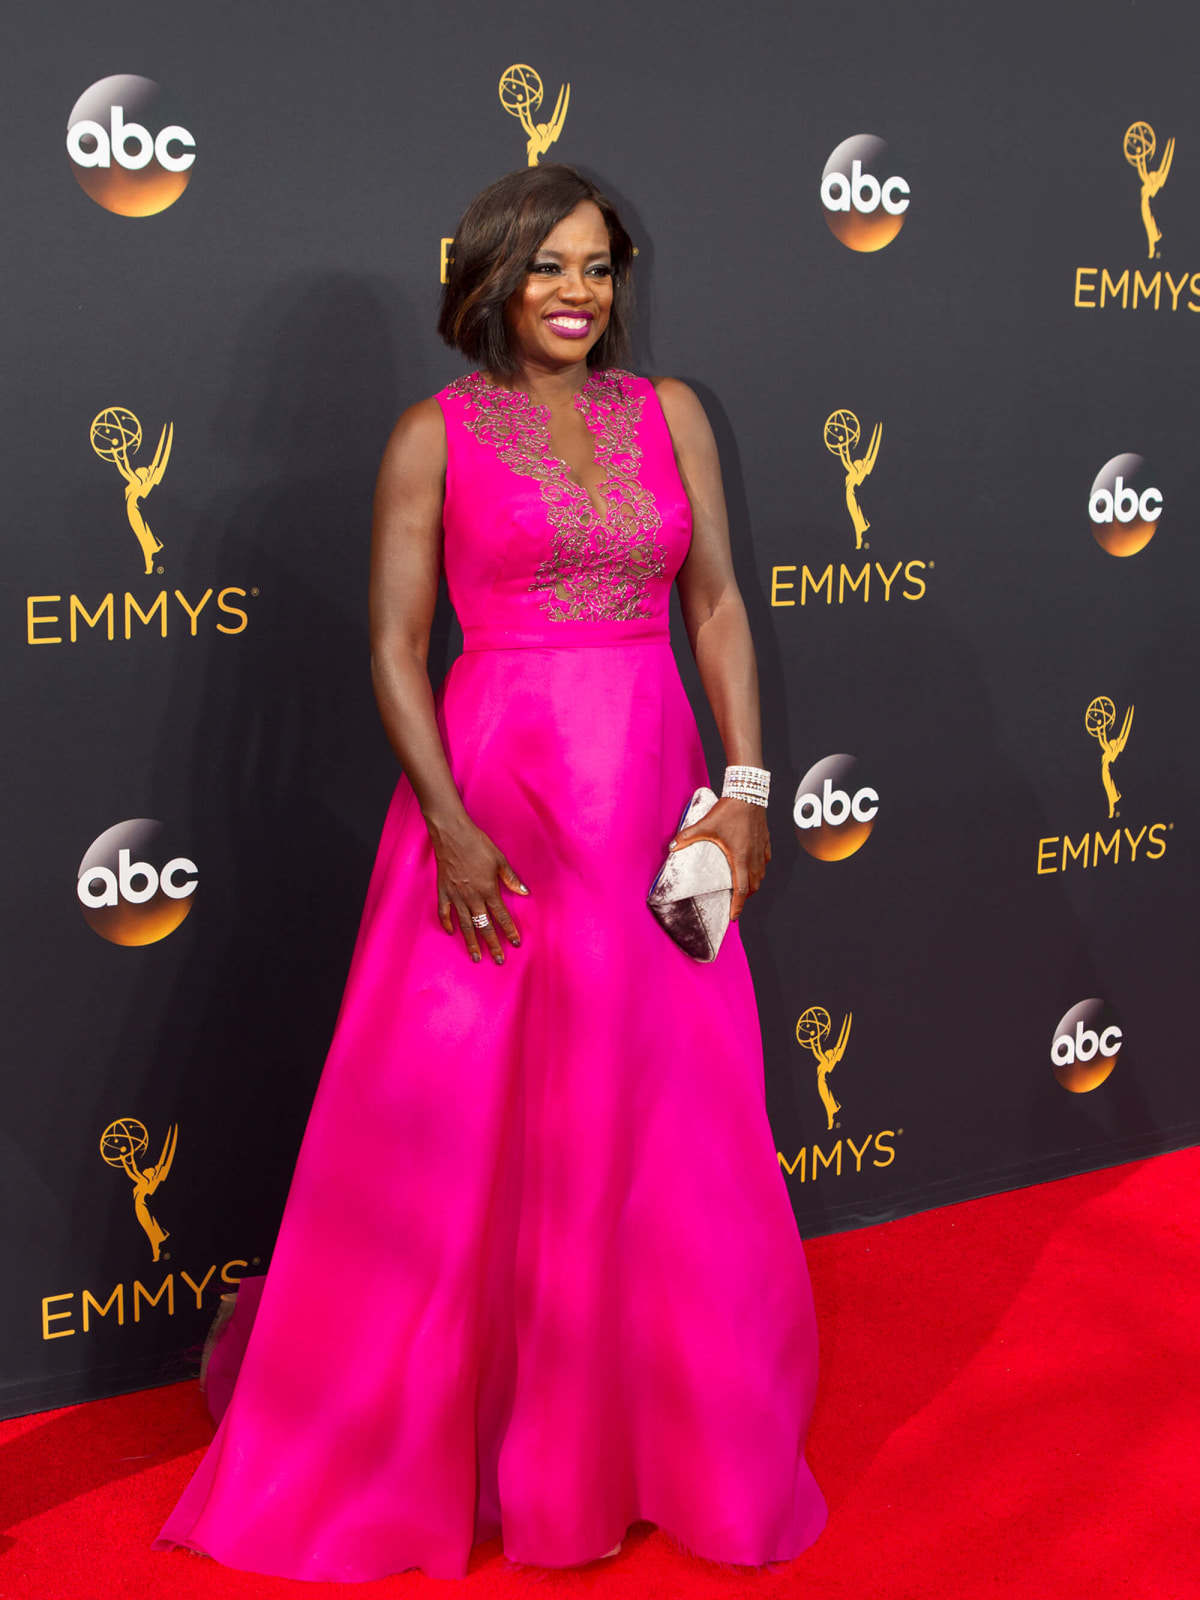 Viola Davis in Marchesa gown at Emmy Awards